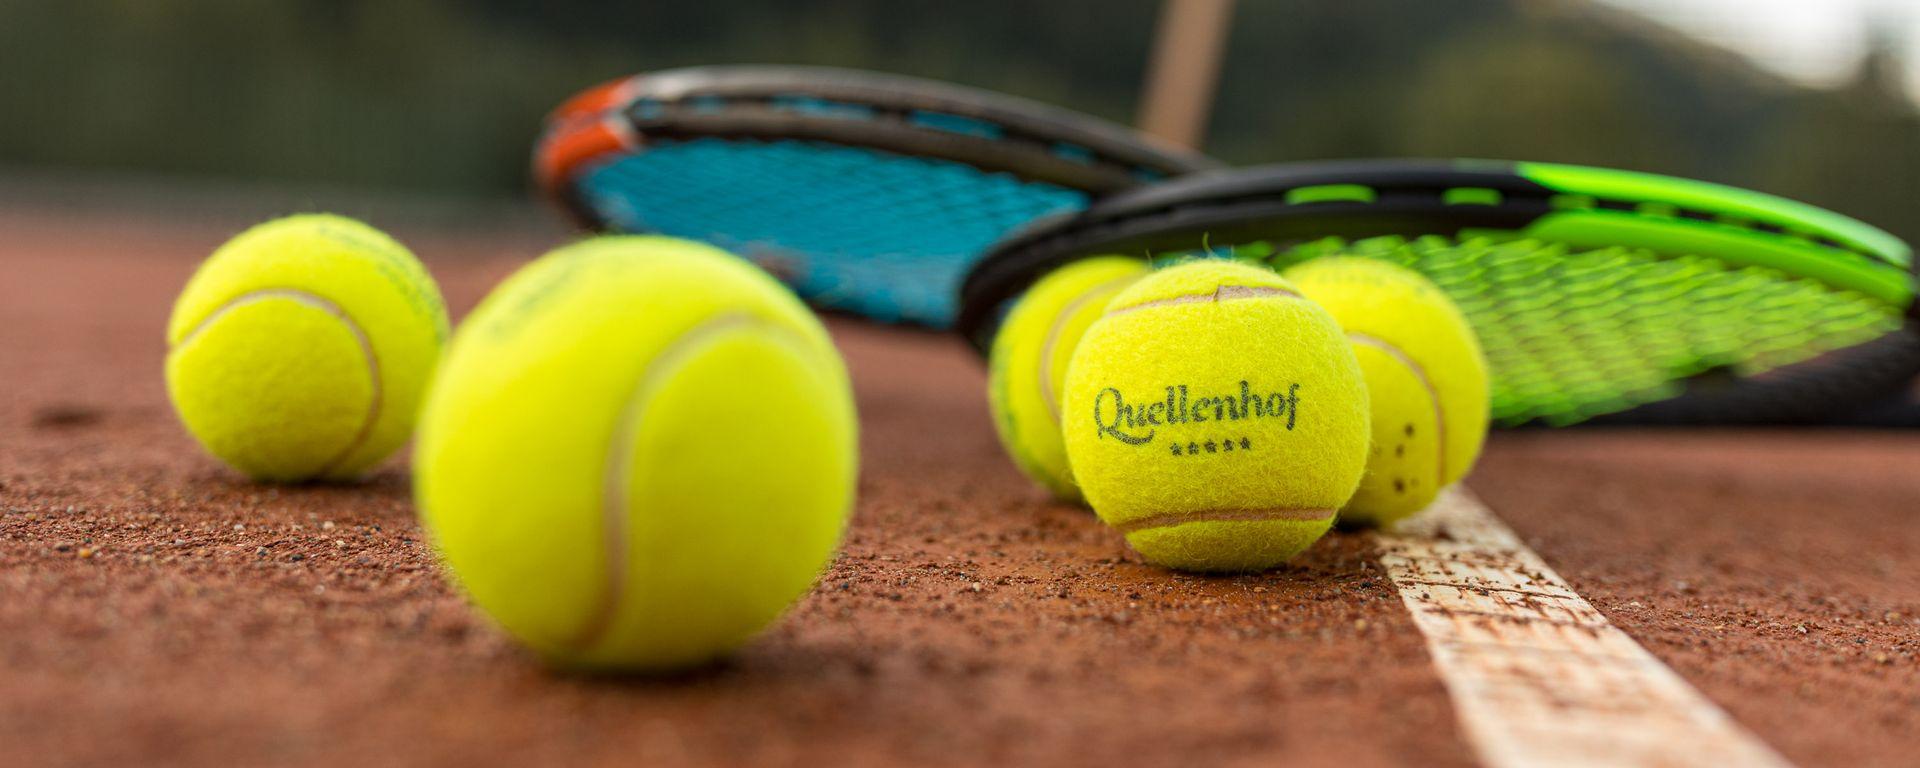 Quellenhof Sport und Familie-Farben-WEB-014-553.jpg